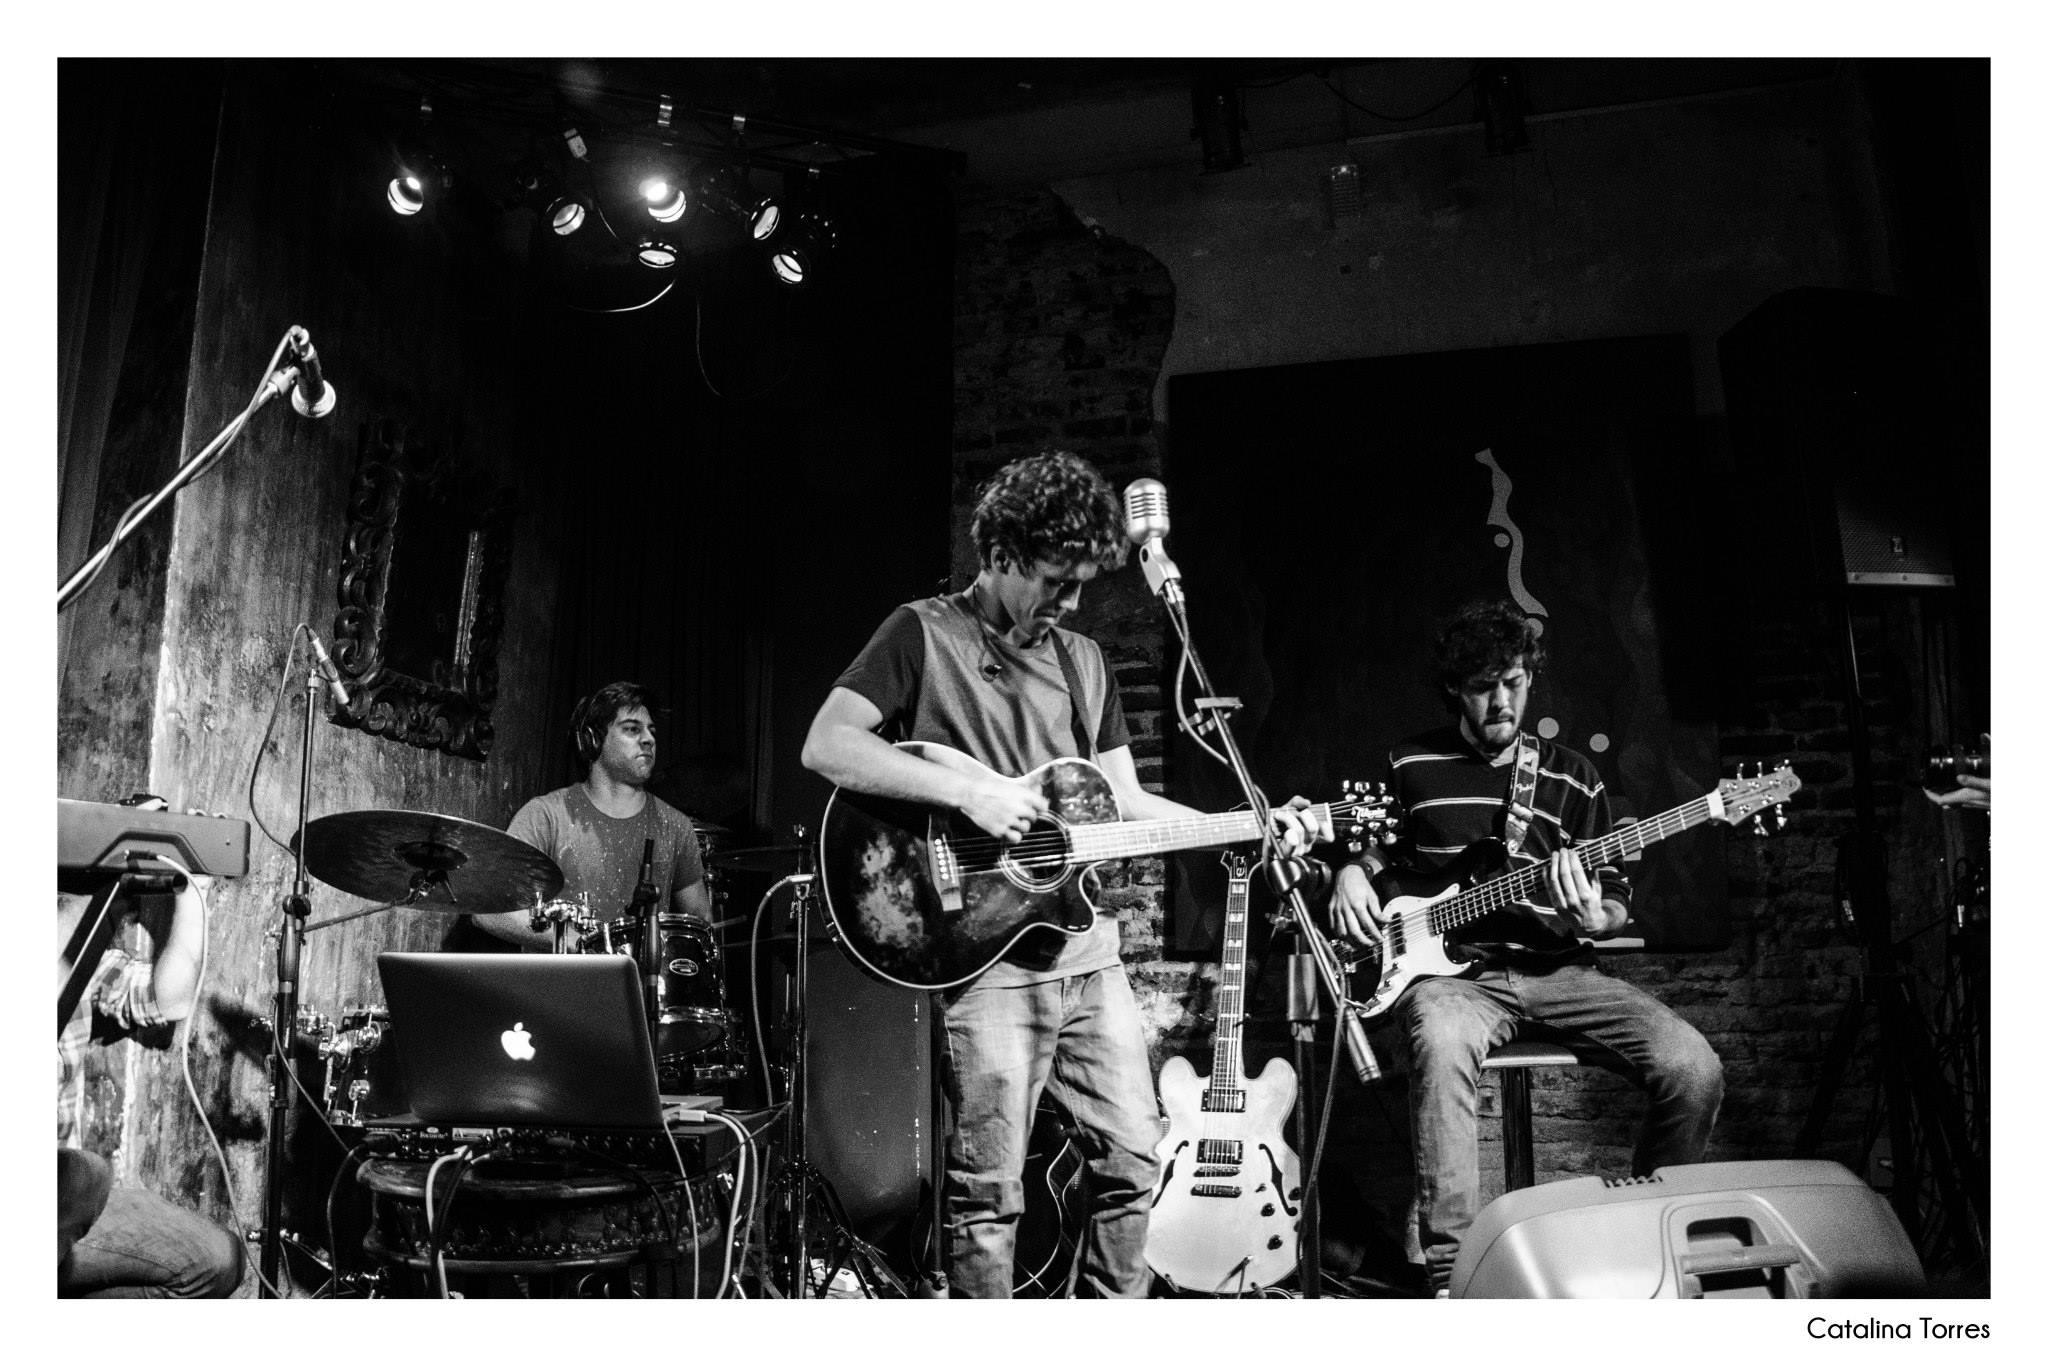 Fotografía: Catalina Torres